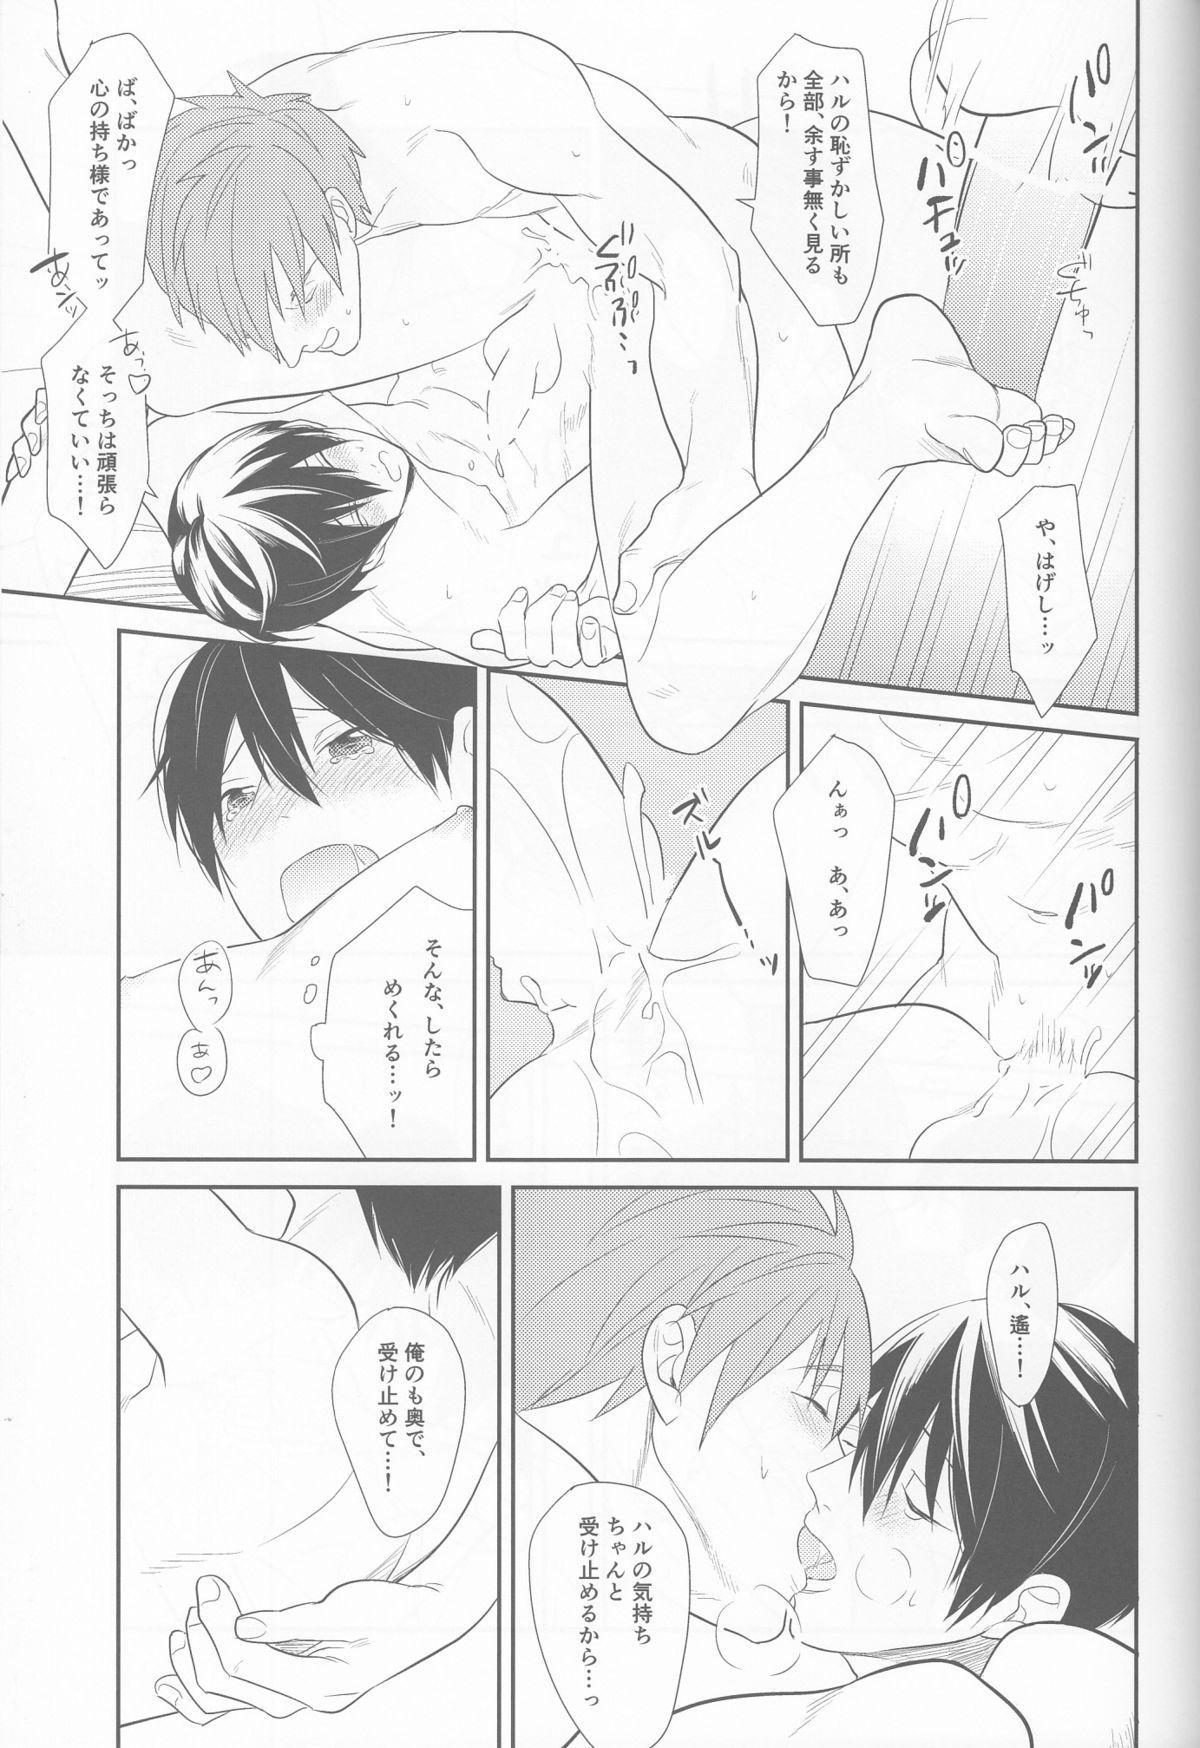 Aishiaouyo 21